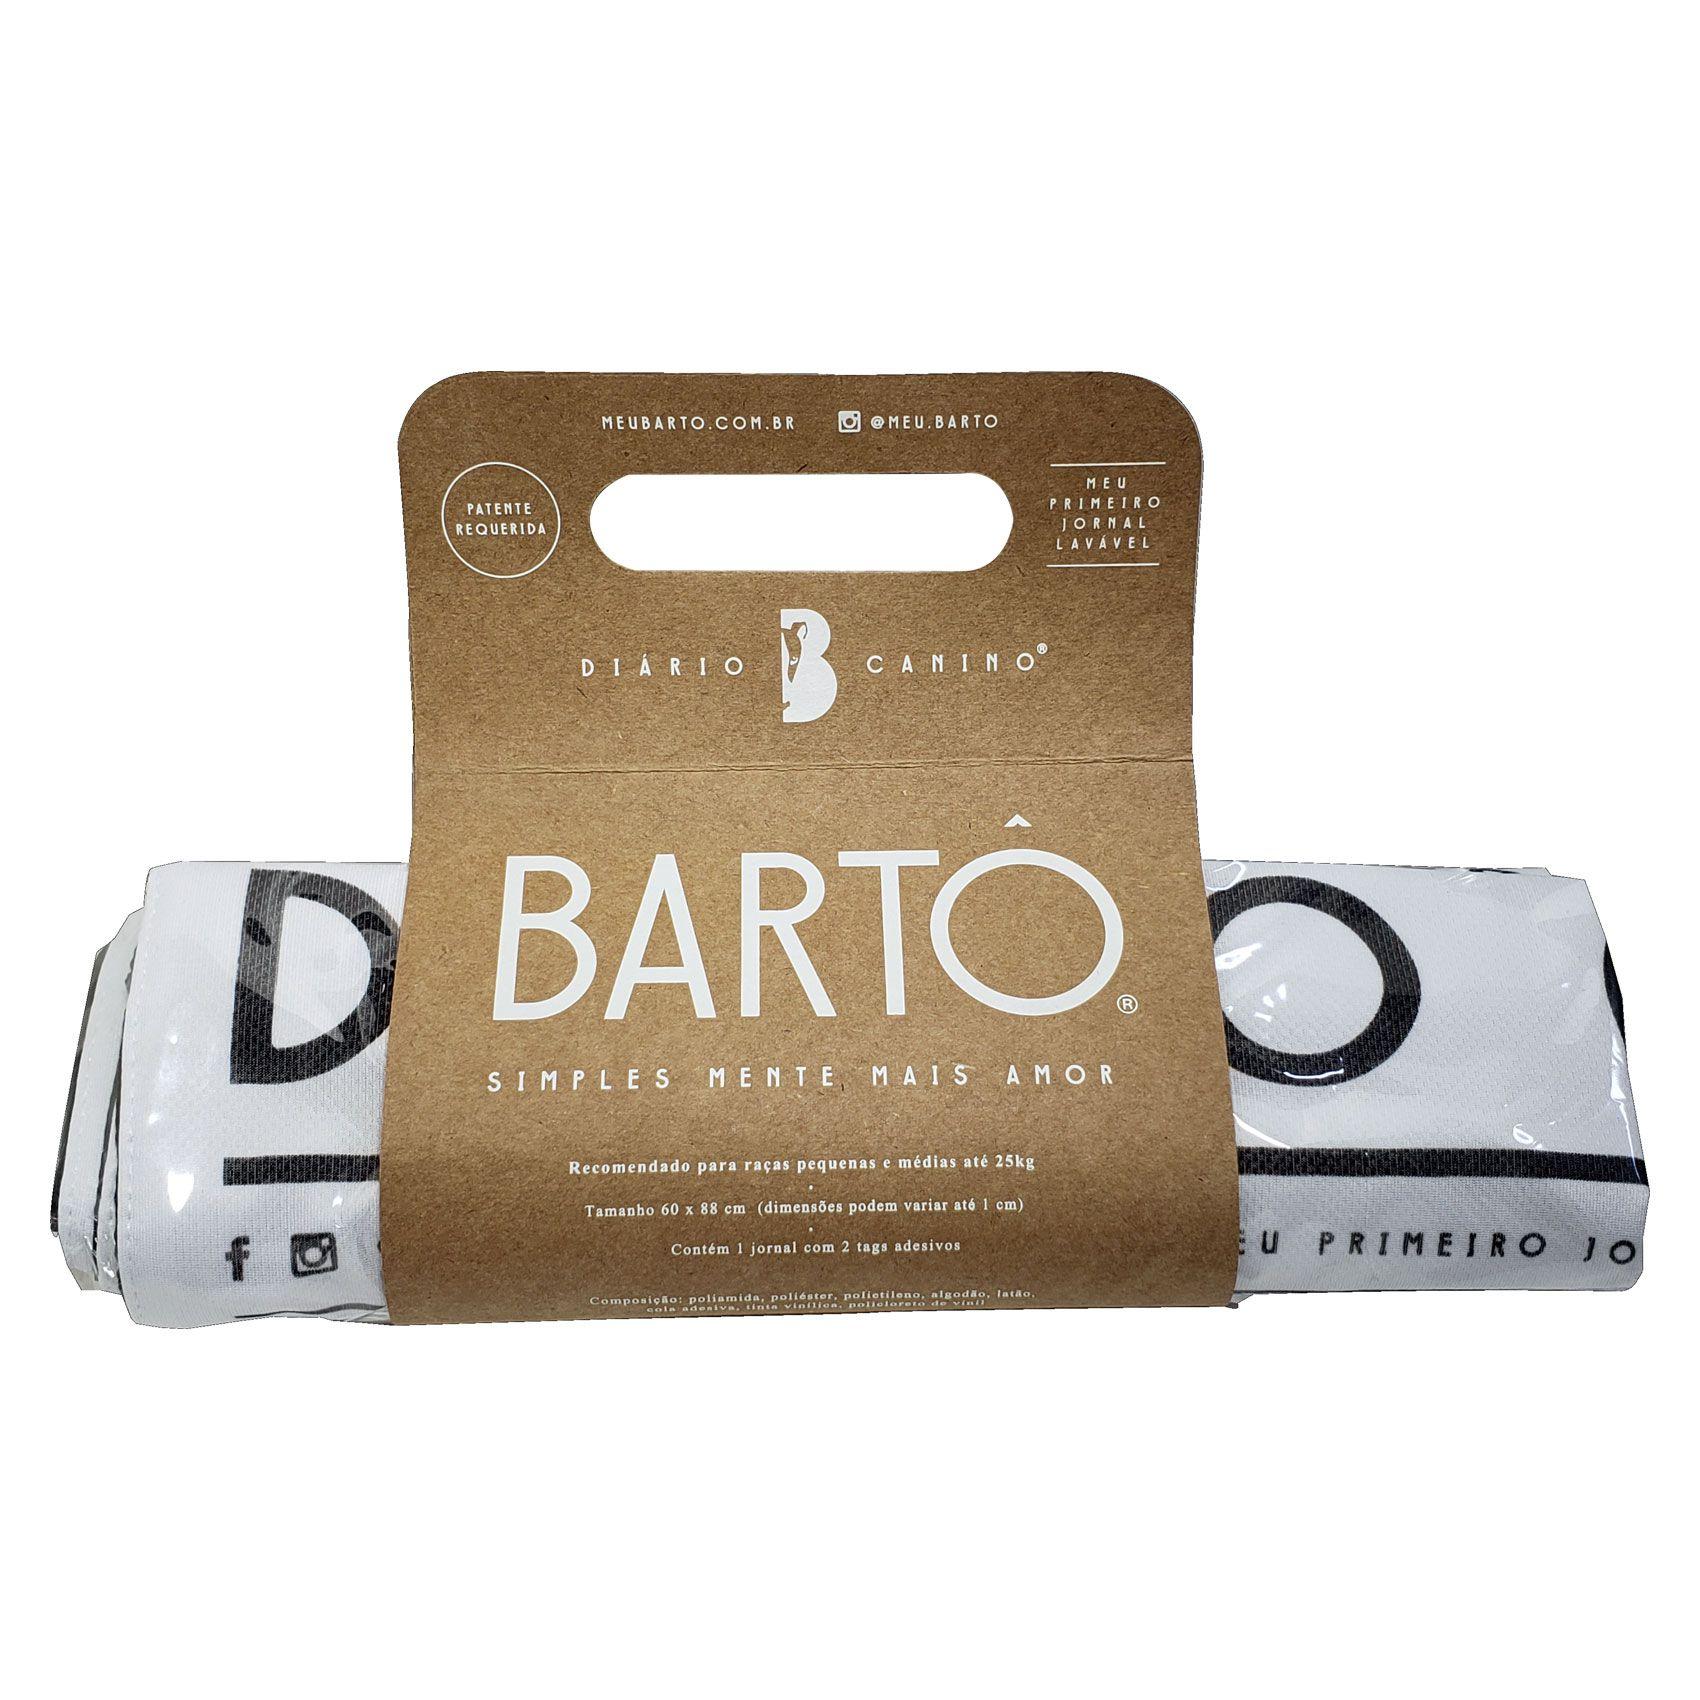 1 Diário Canino Meu Bartô - O Melhor Tapete Higiênico para Cães